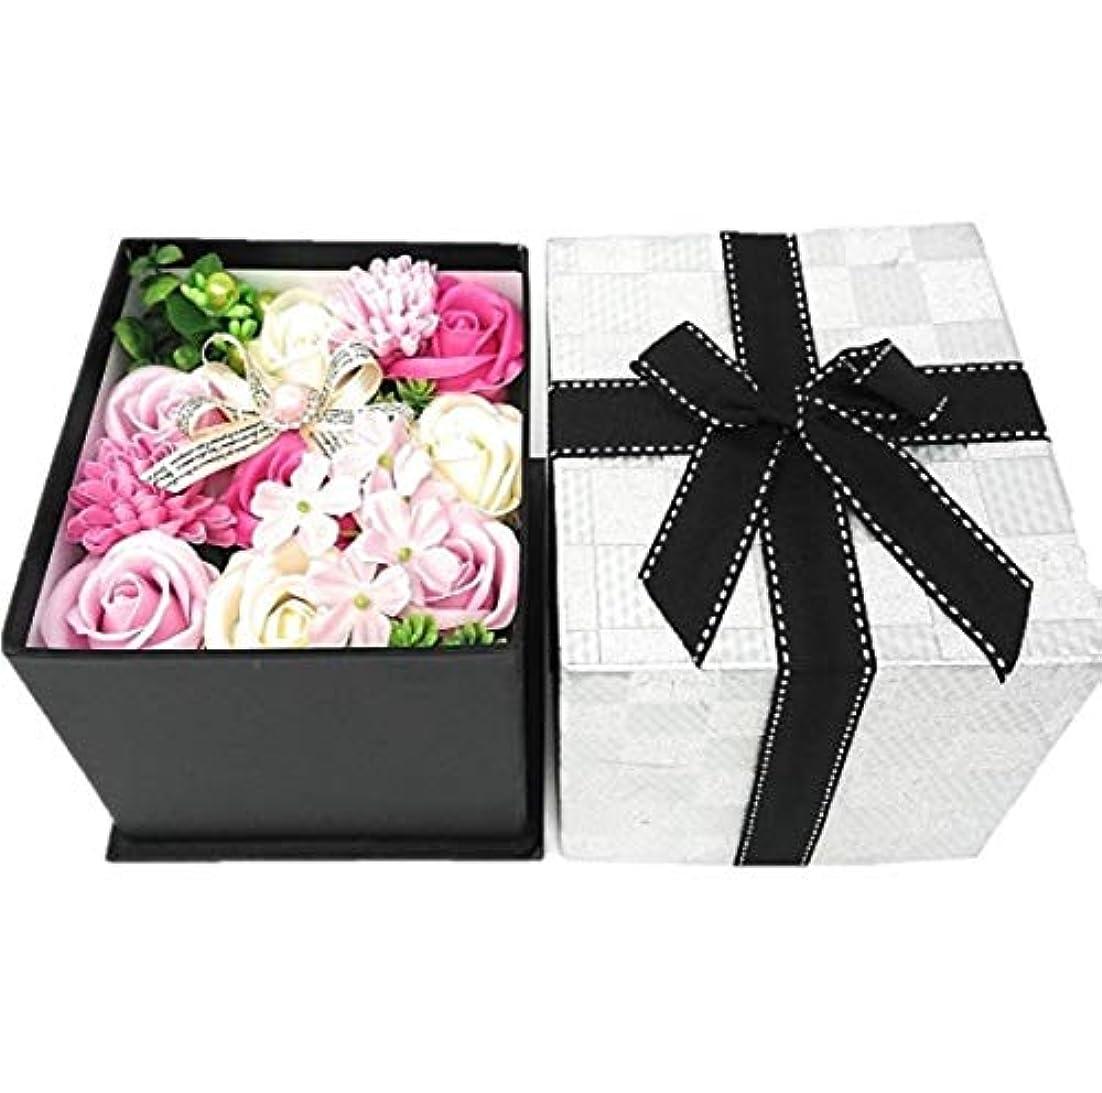 クルール バスフレグランス バスフラワー BOX L ピンク 入浴剤 ギフト